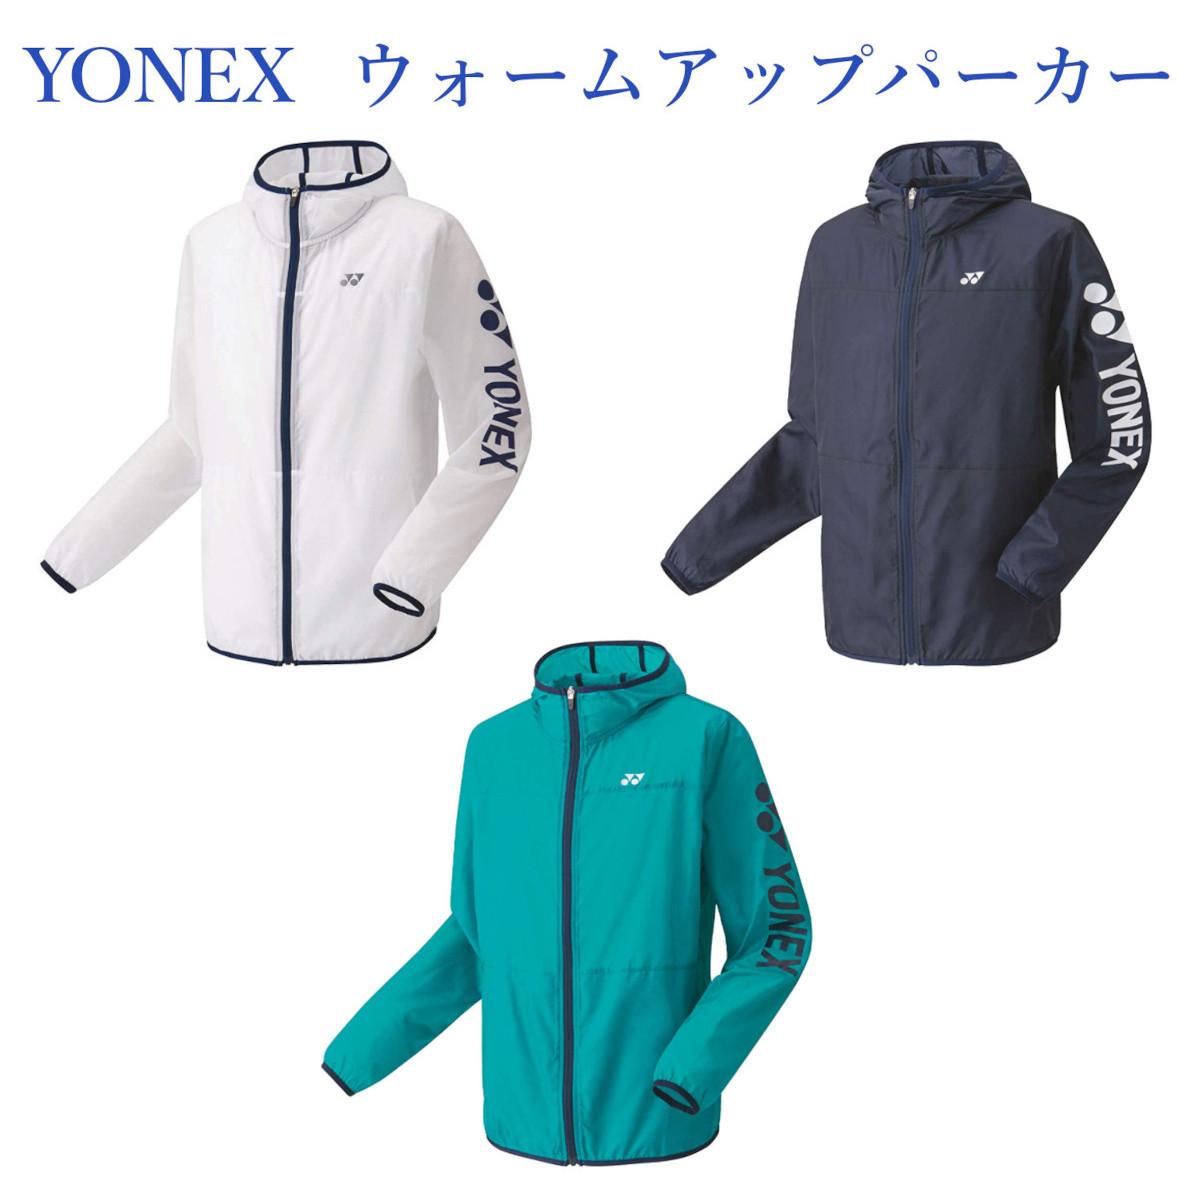 YONEX 数量限定 男女兼用 40%OFFの激安セール Seasonal Wrap入荷 フード付き ヨネックス ウォームアップパーカー 50120 ユニセックス ソフトテニス テニス 対応 2021SS ゆうパケット バドミントン メール便